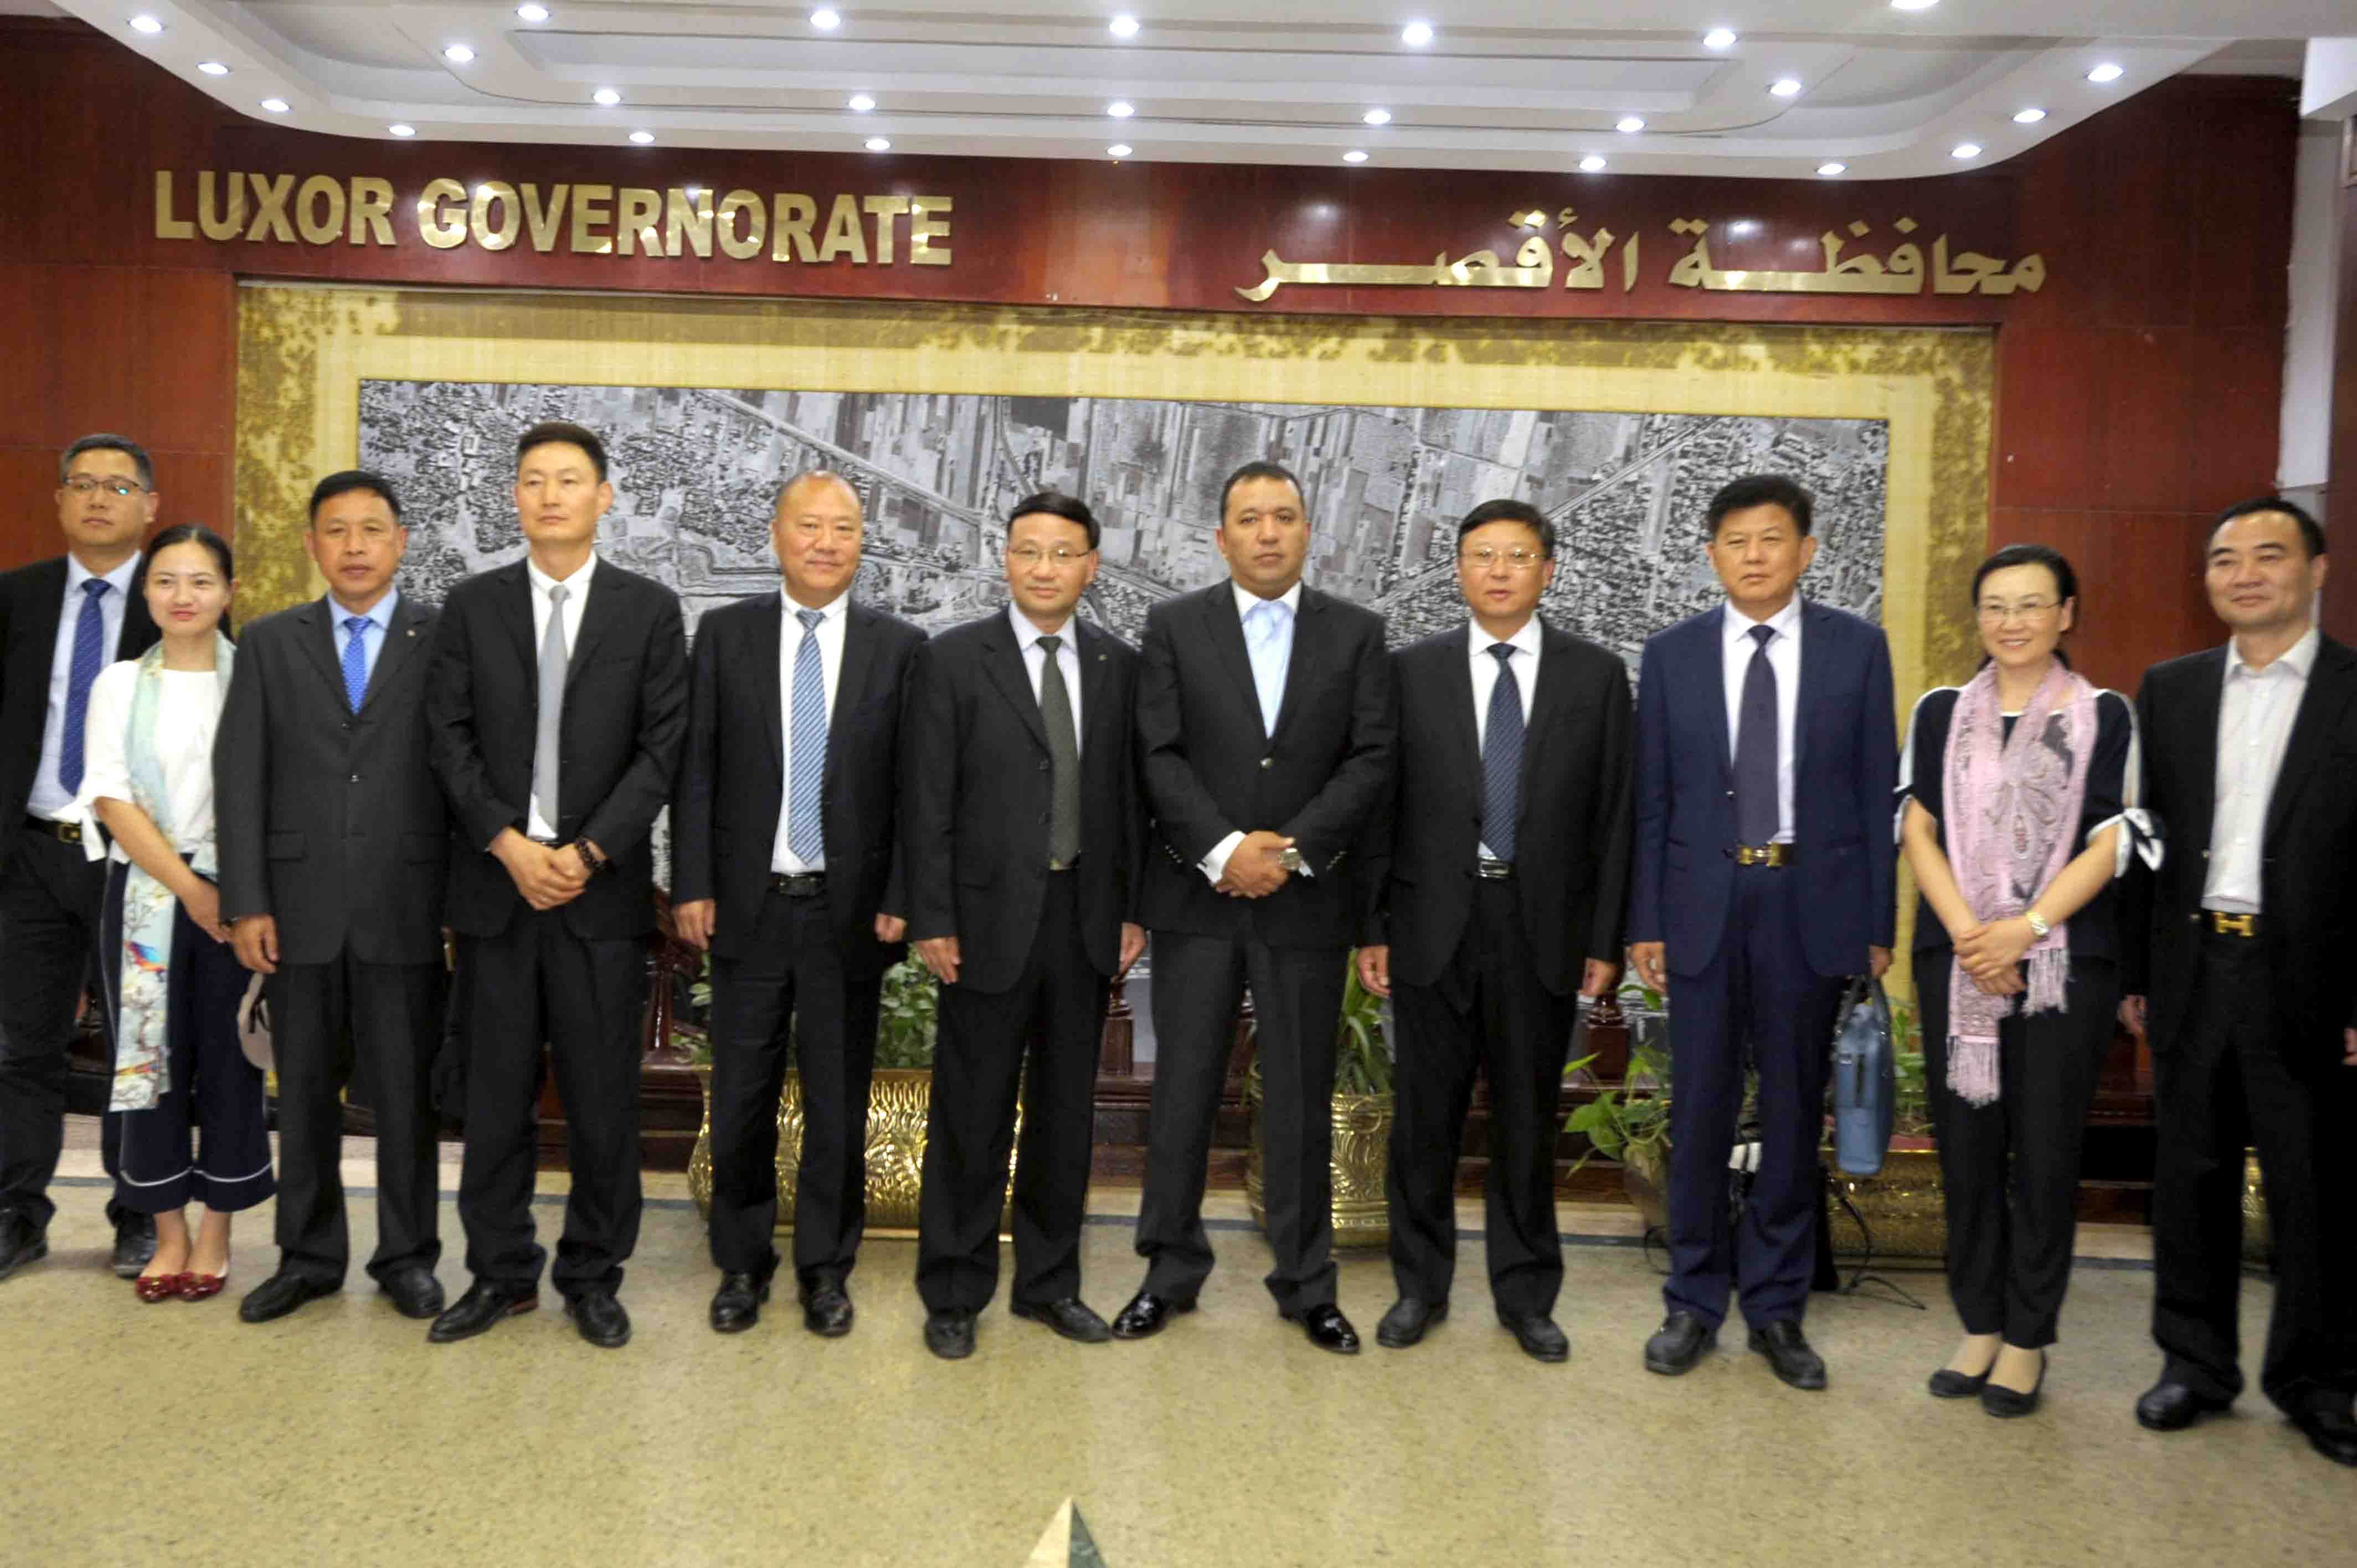 الأقصر توقع إتفاقية تآخي بكافة المجالات مع مدينة يانجشتو الصينية (1)